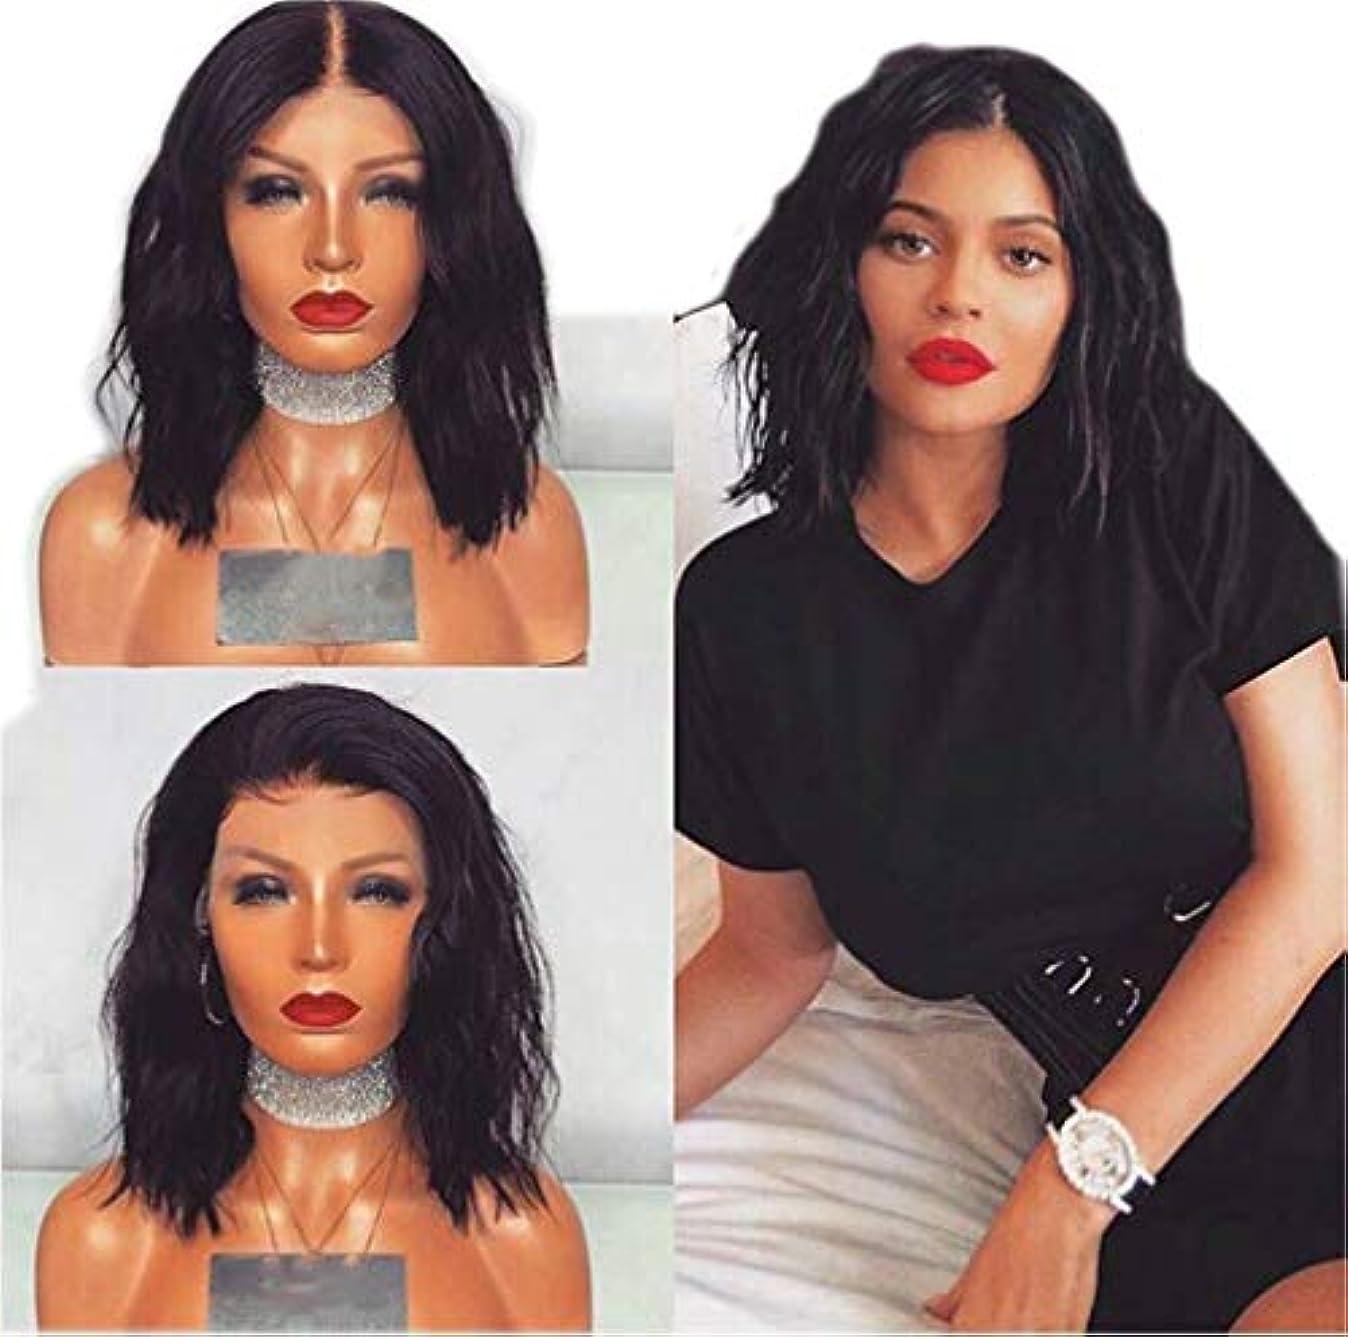 額プロテスタントチキン女性かつらフロントレースブラジルカーリー合成繊維耐熱高品質かつら無料かつらキャップ150%密度